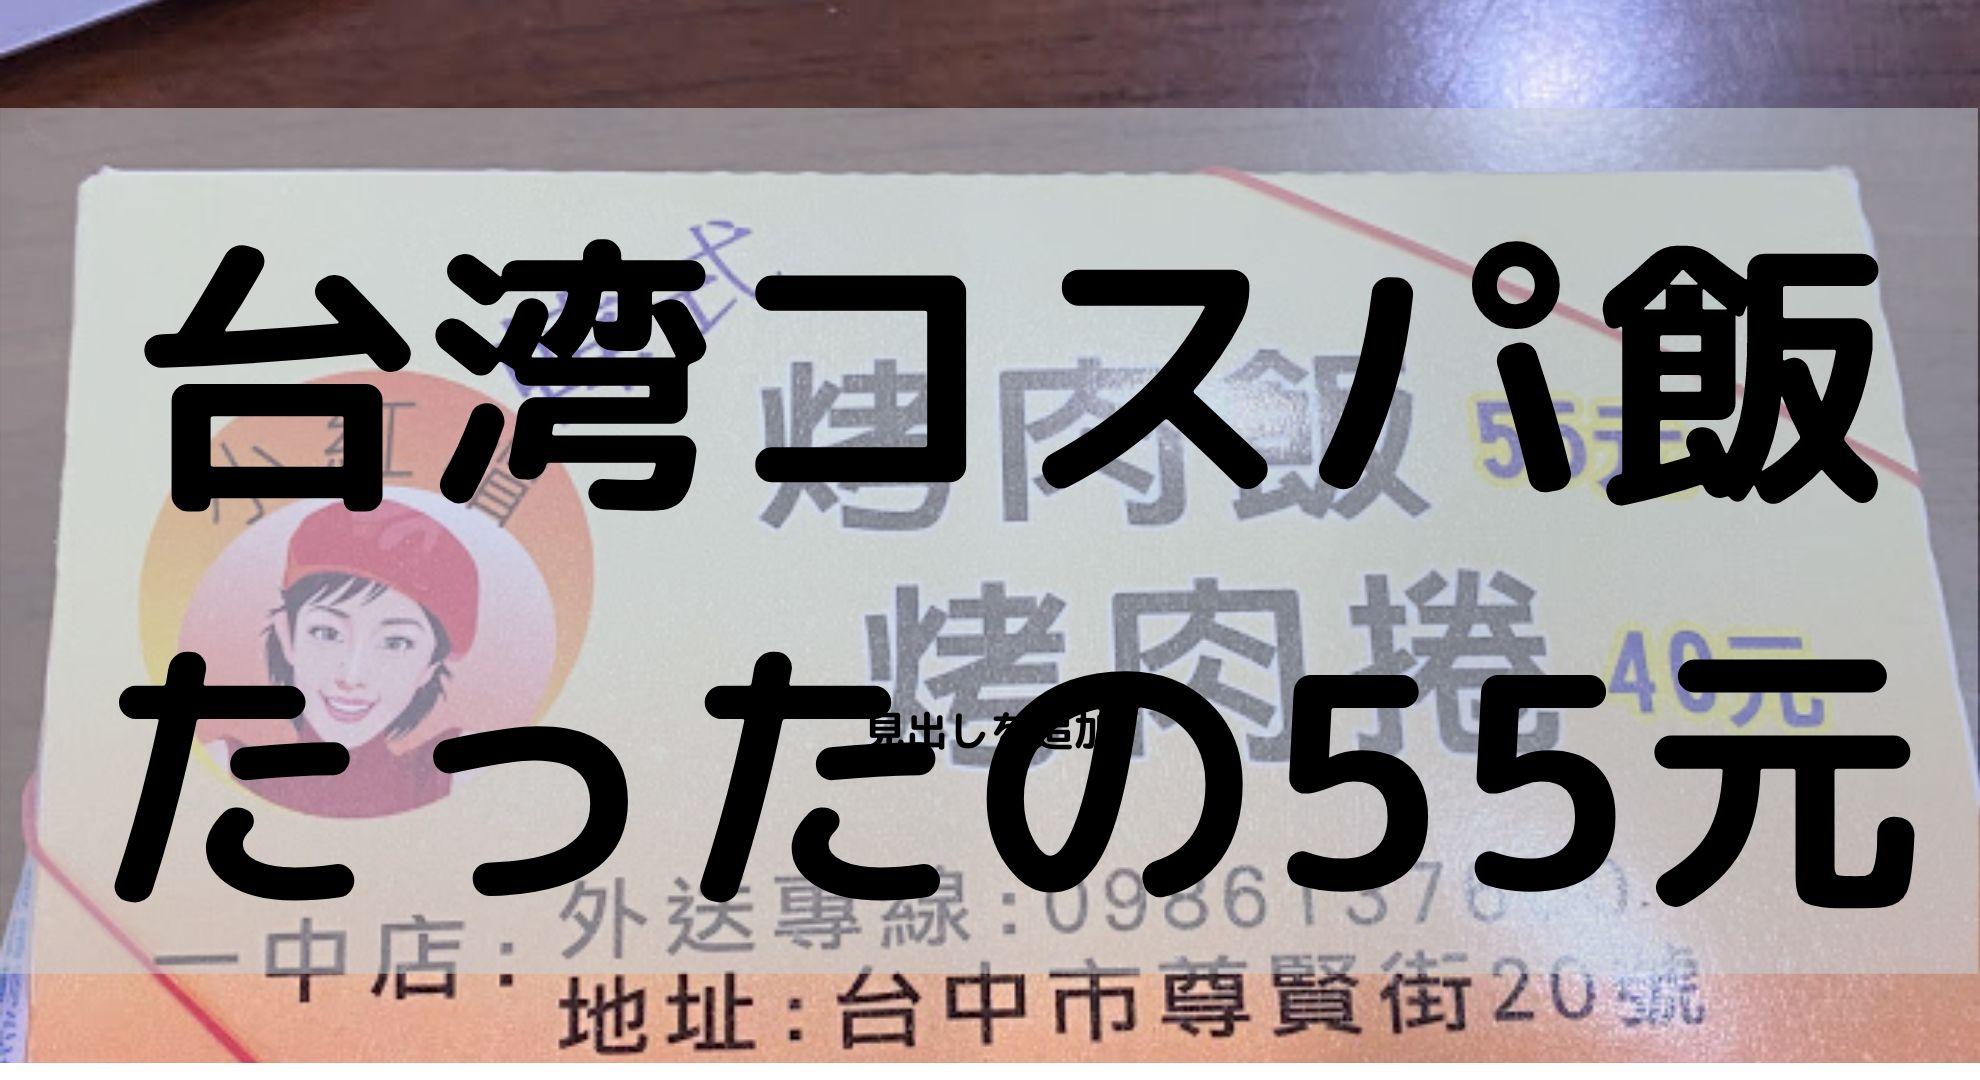 台湾・台中・一中街夜市にある台湾コスパ飯「小紅帽韓式烤肉飯」55元の紹介